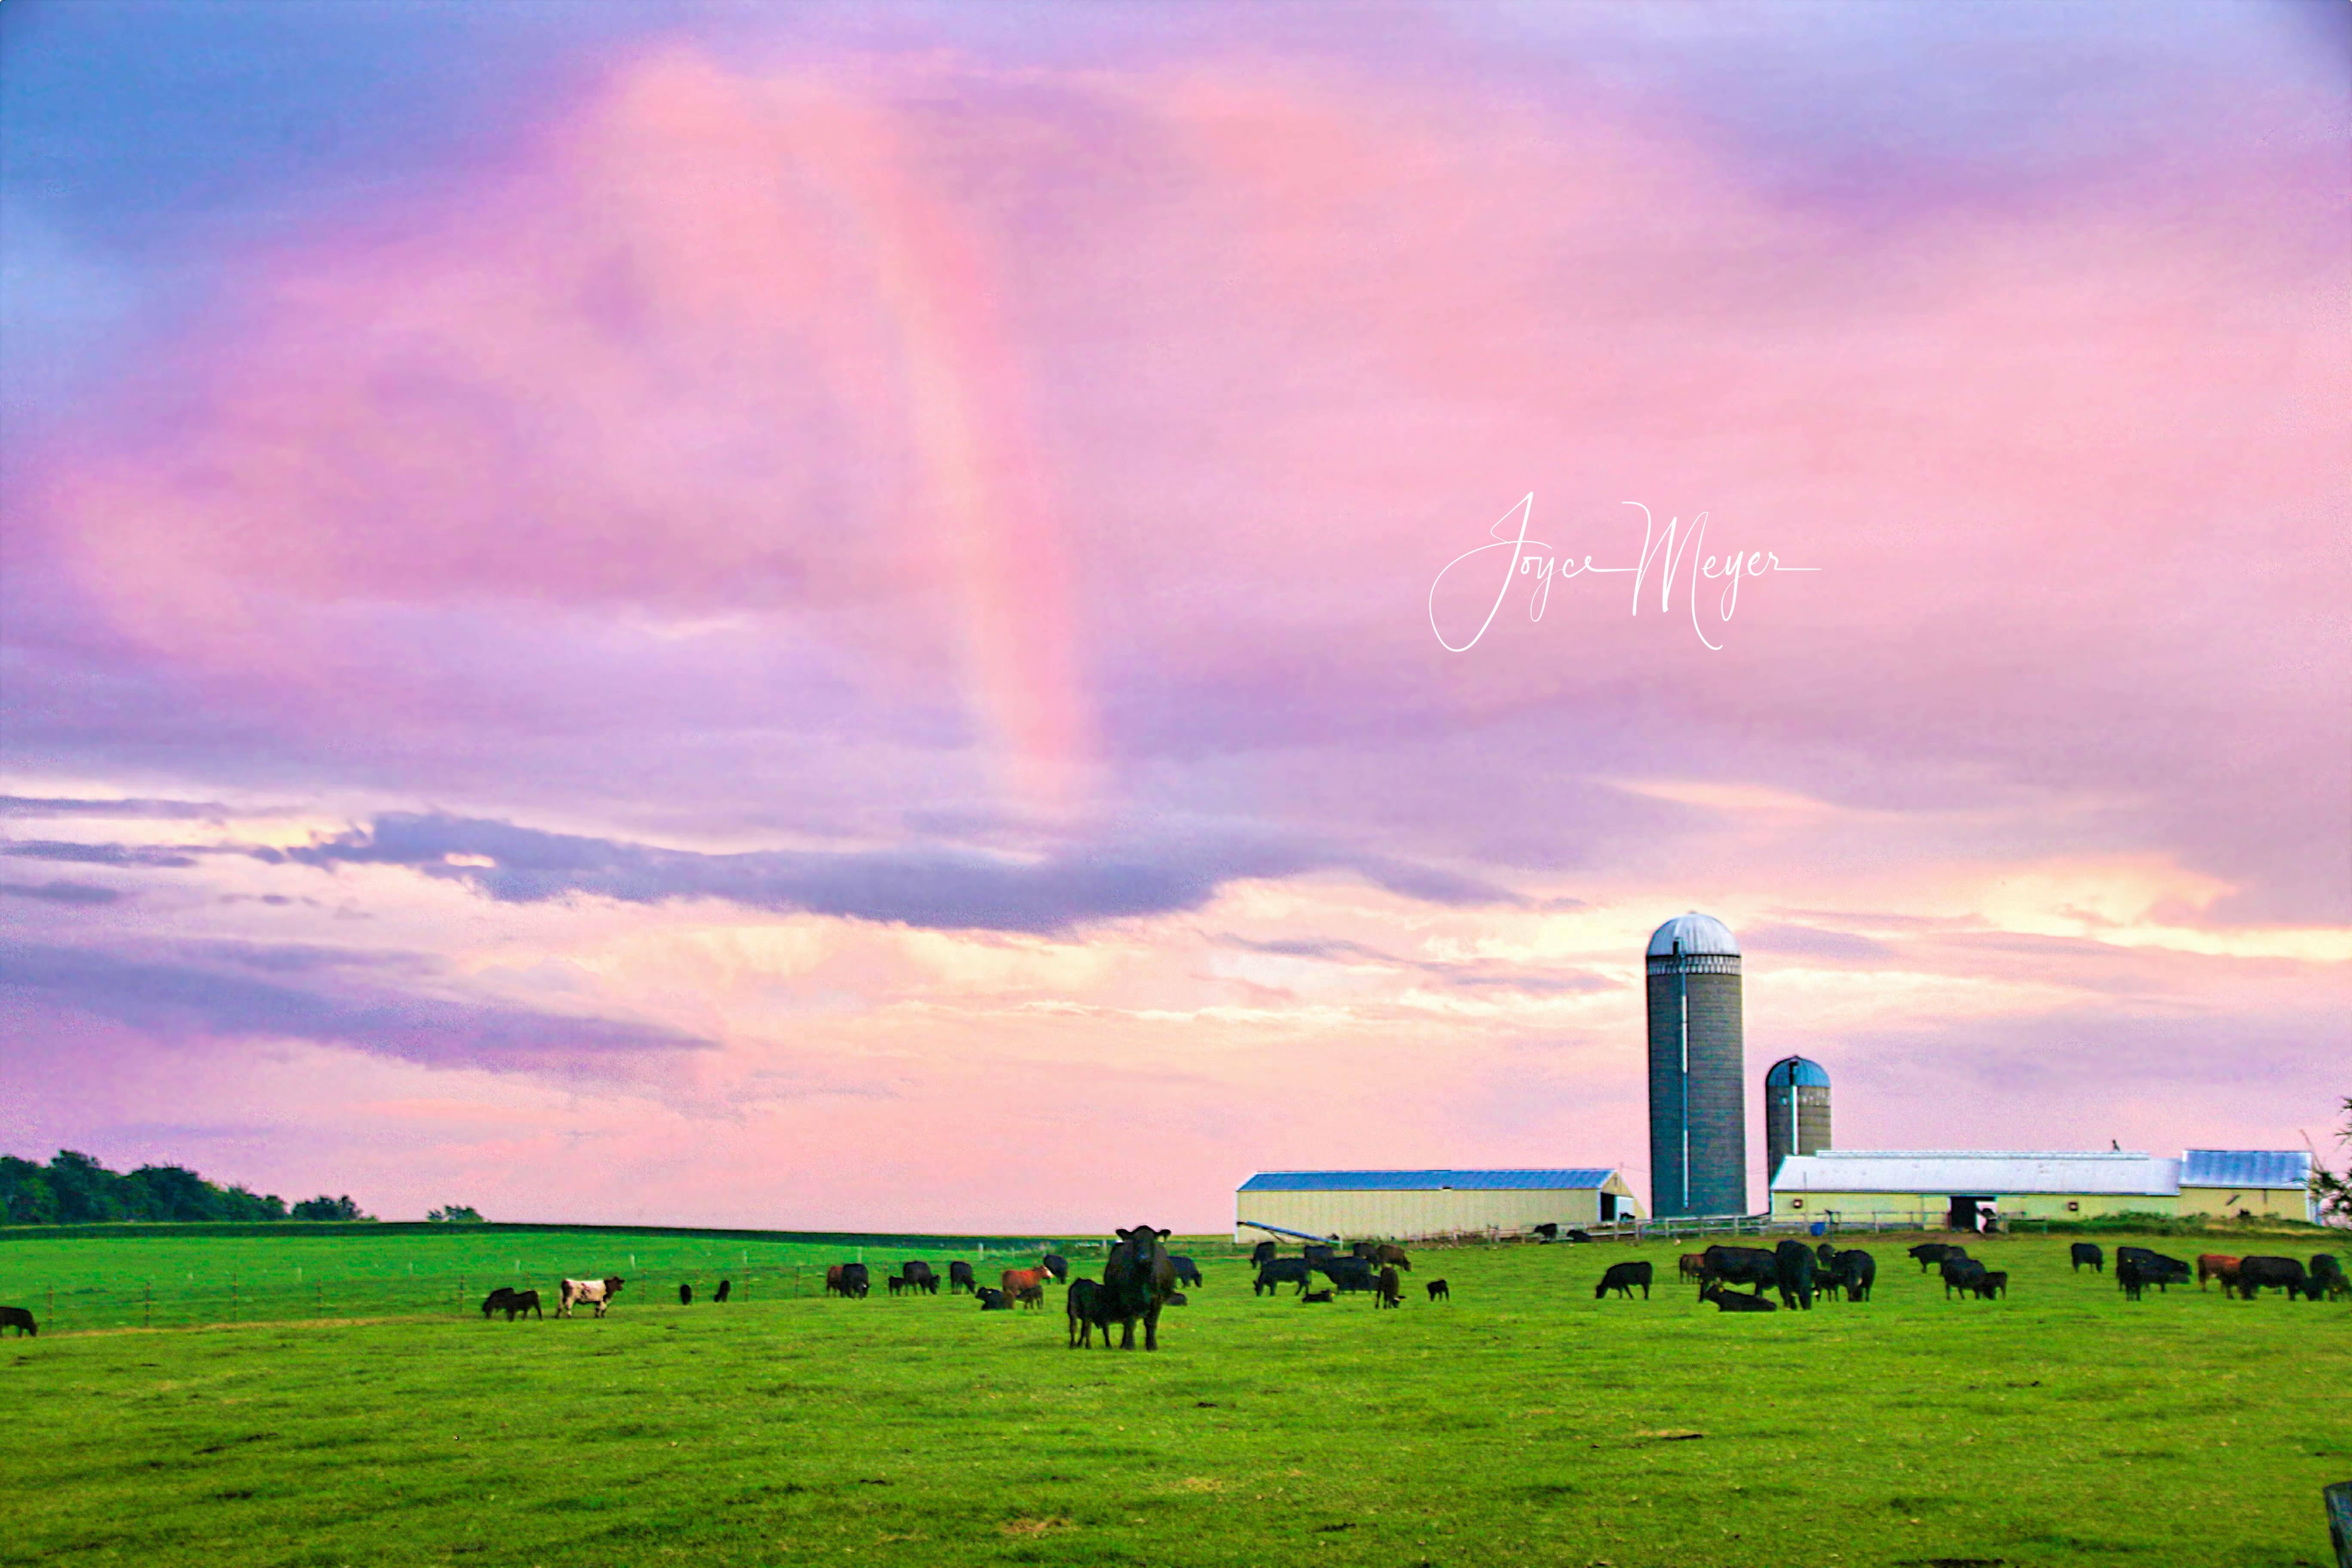 over-the-rainbow-1